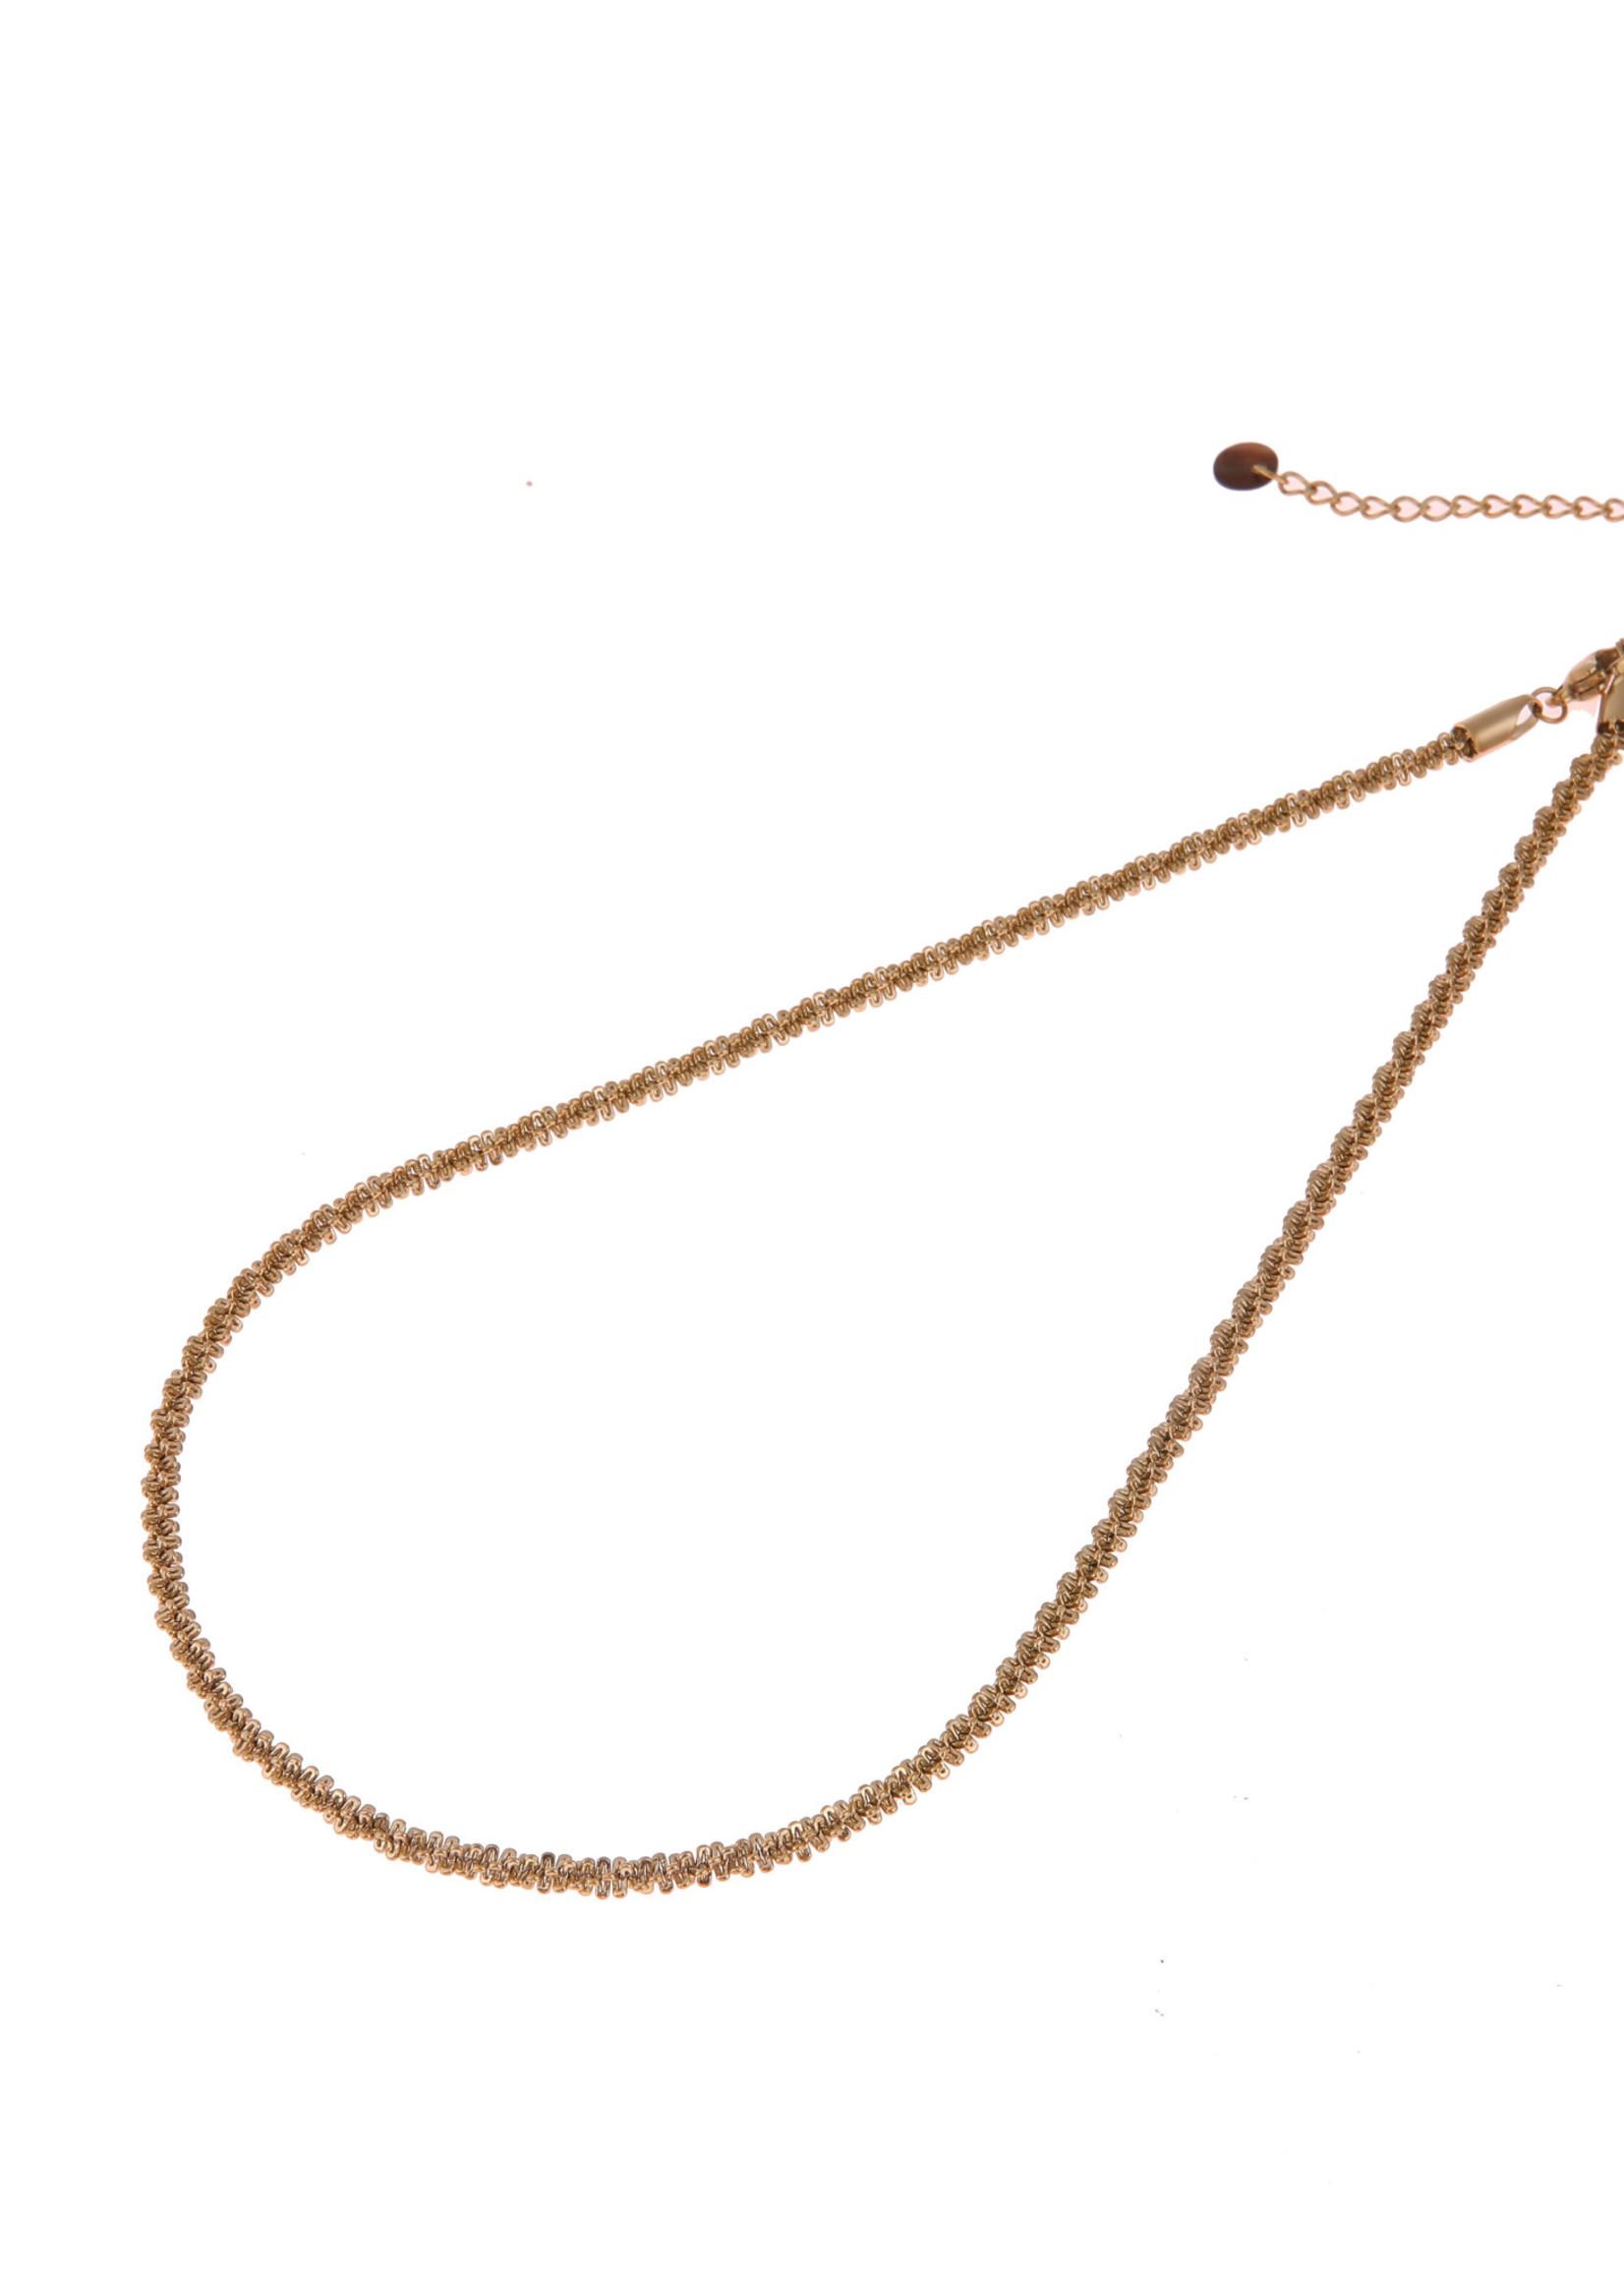 Ketting goud gedraaid N0760-2